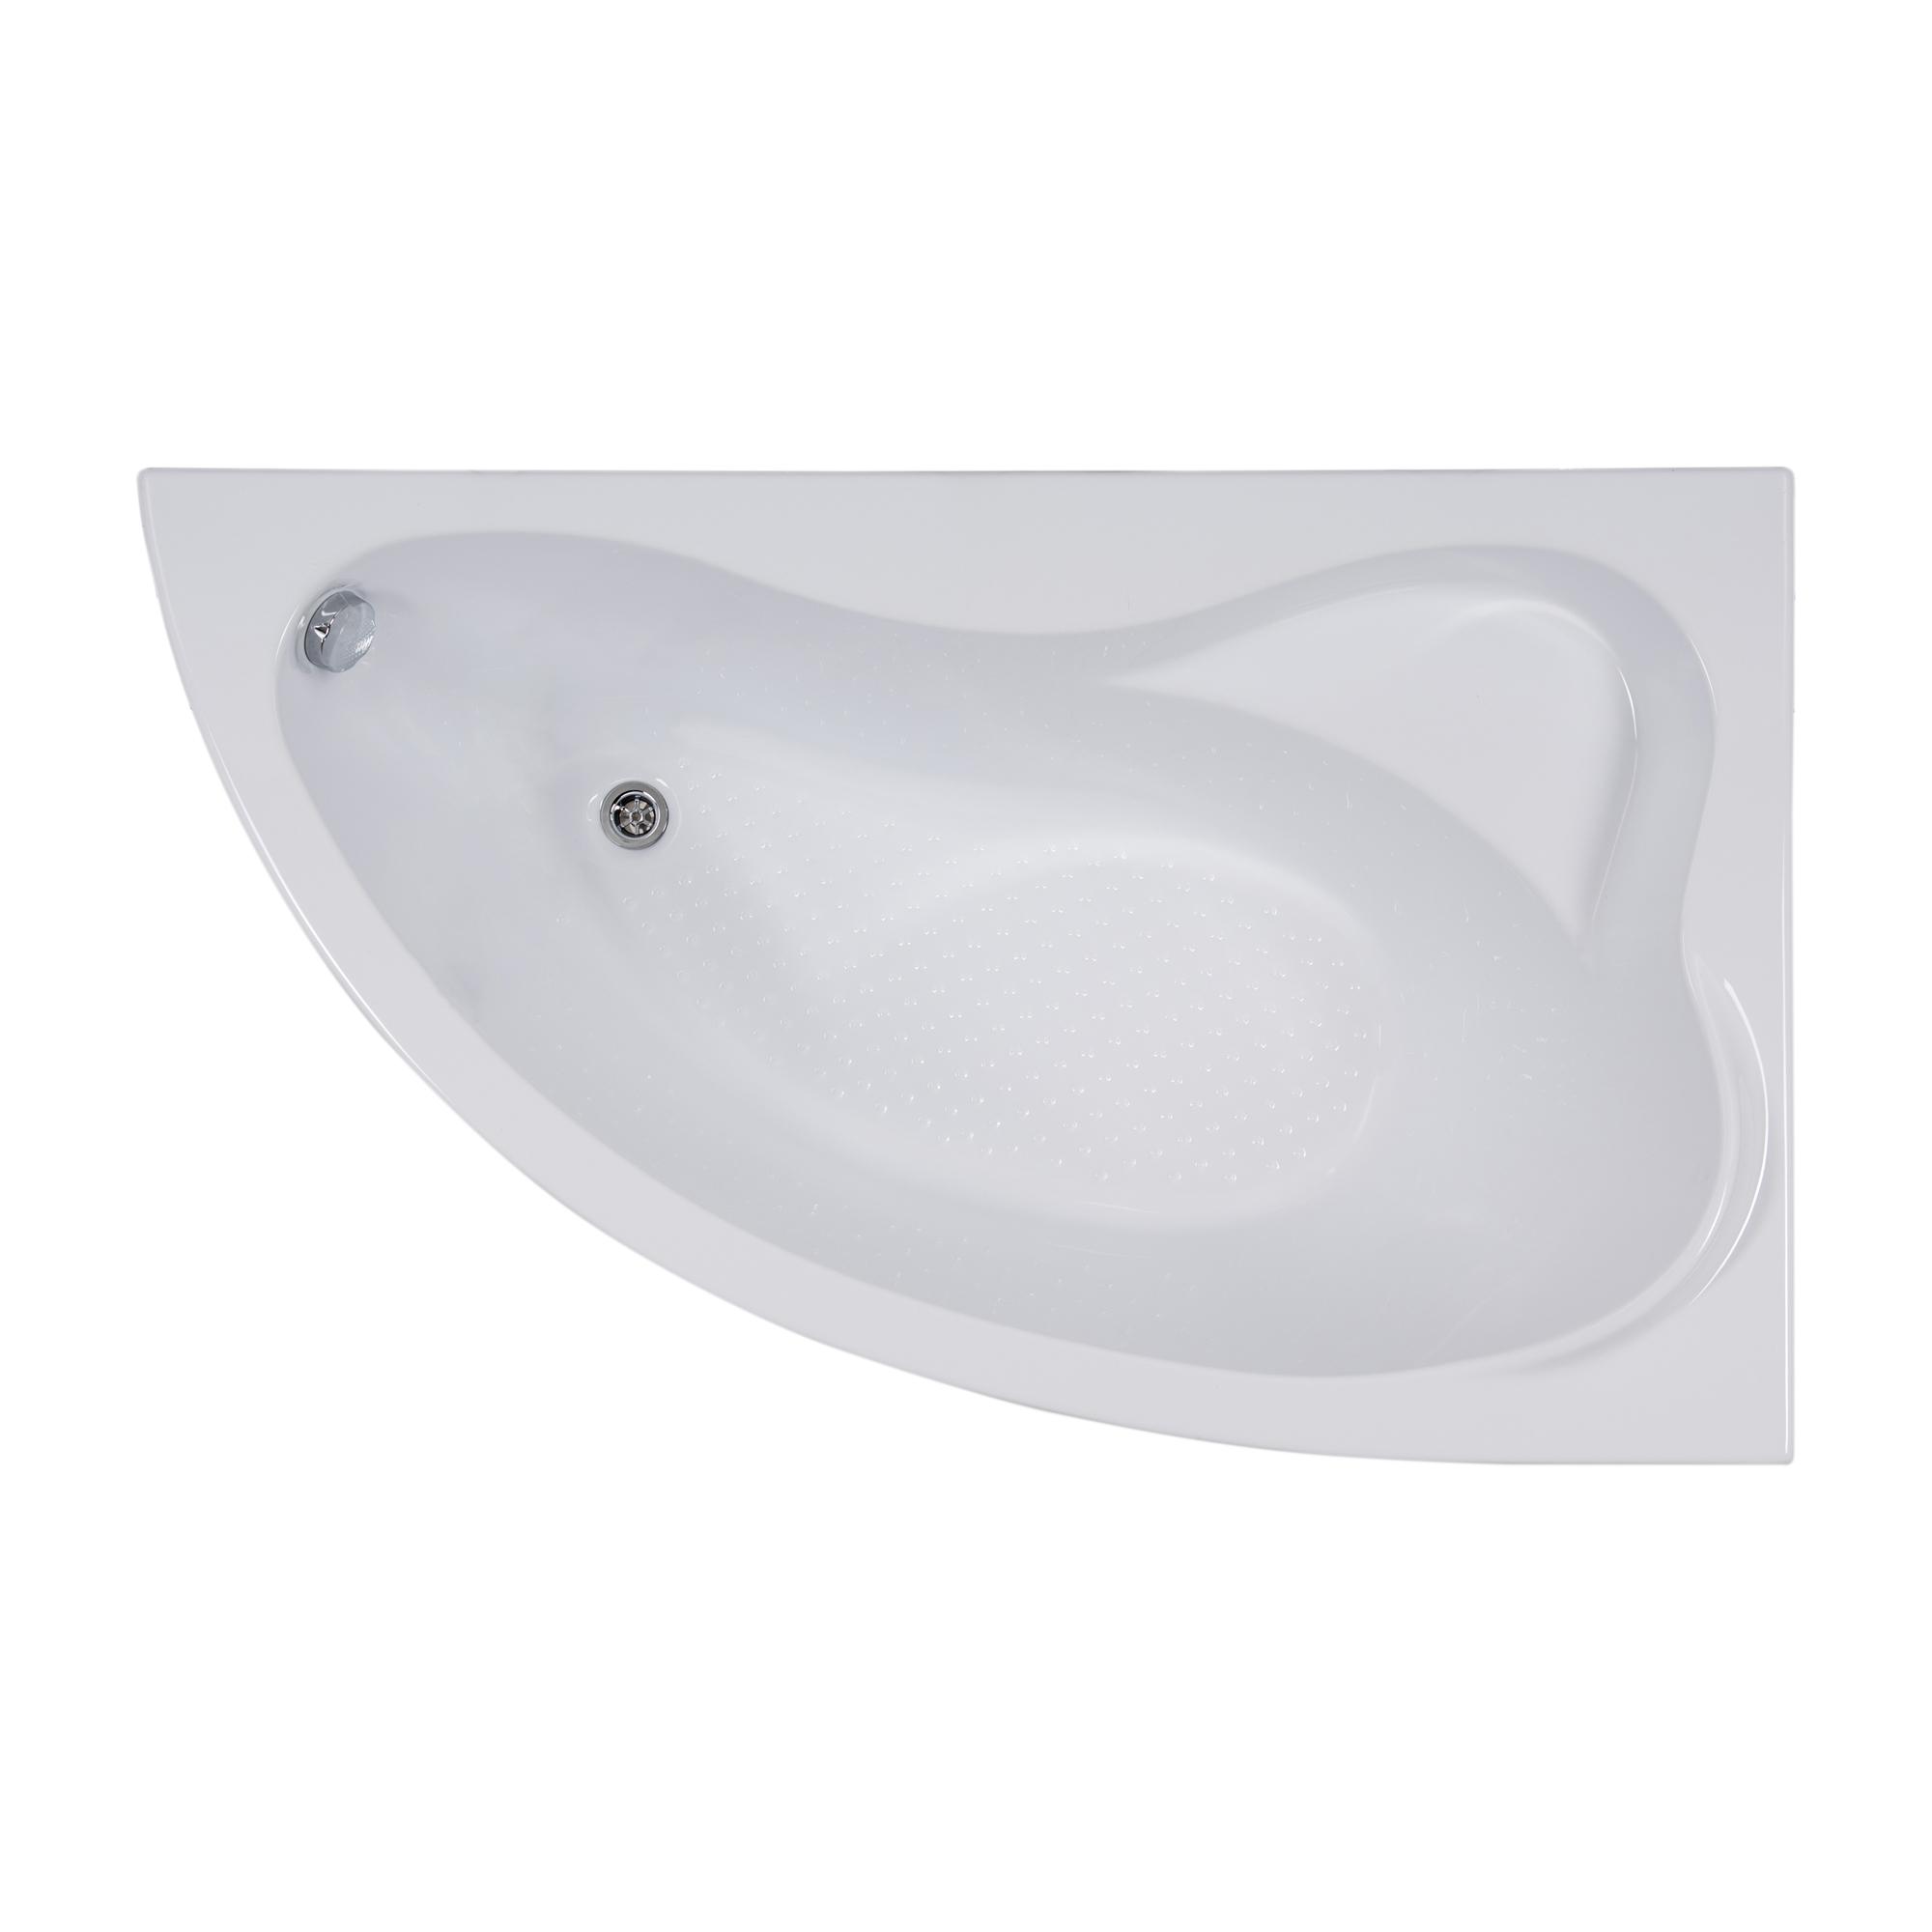 Акриловая ванна Aquanet Atlanta 150x90 R без гидромассажа цены